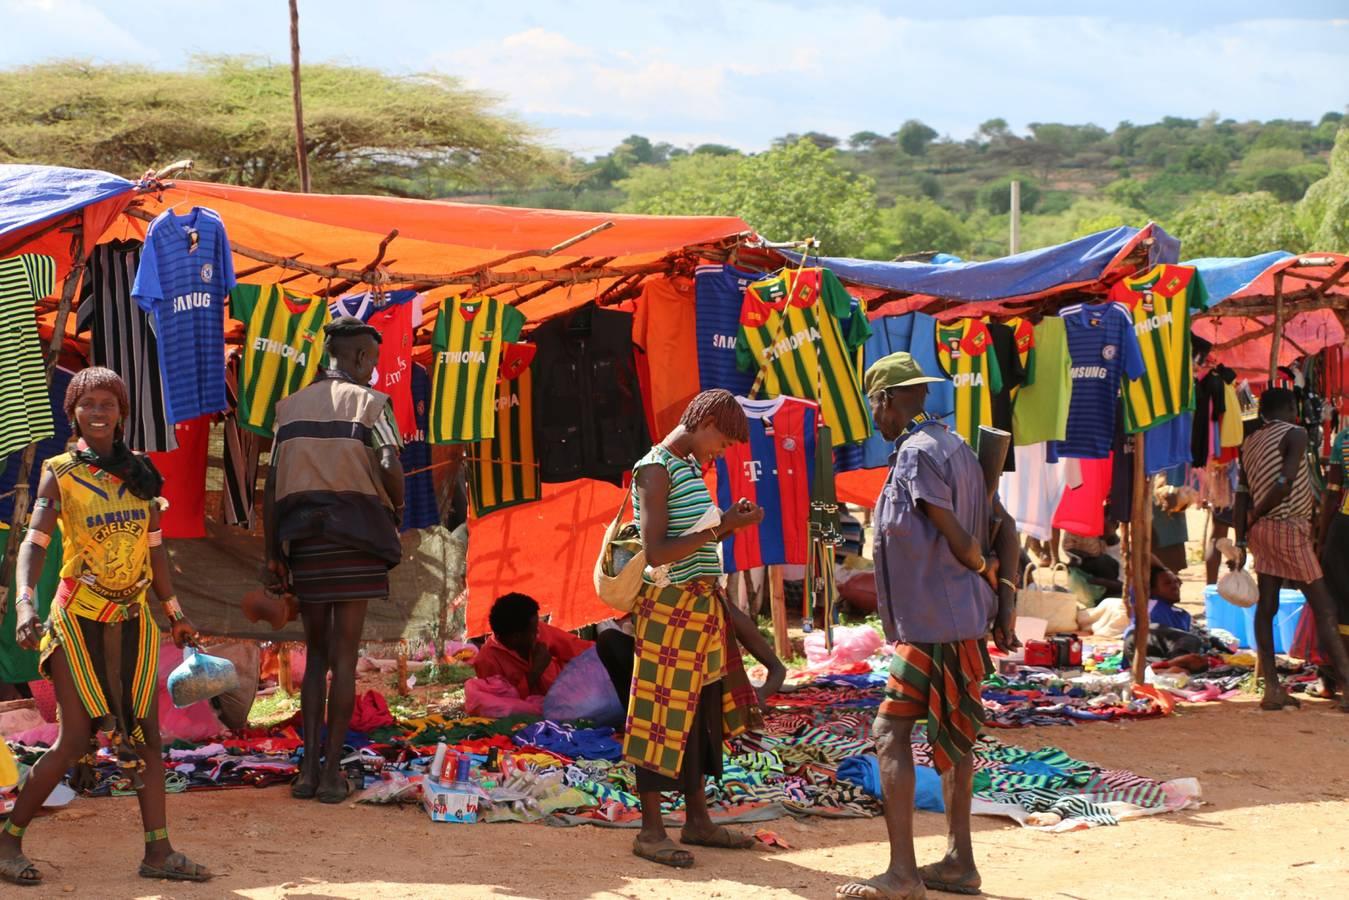 Koľko stojí futbalová lopta v Etiópii?